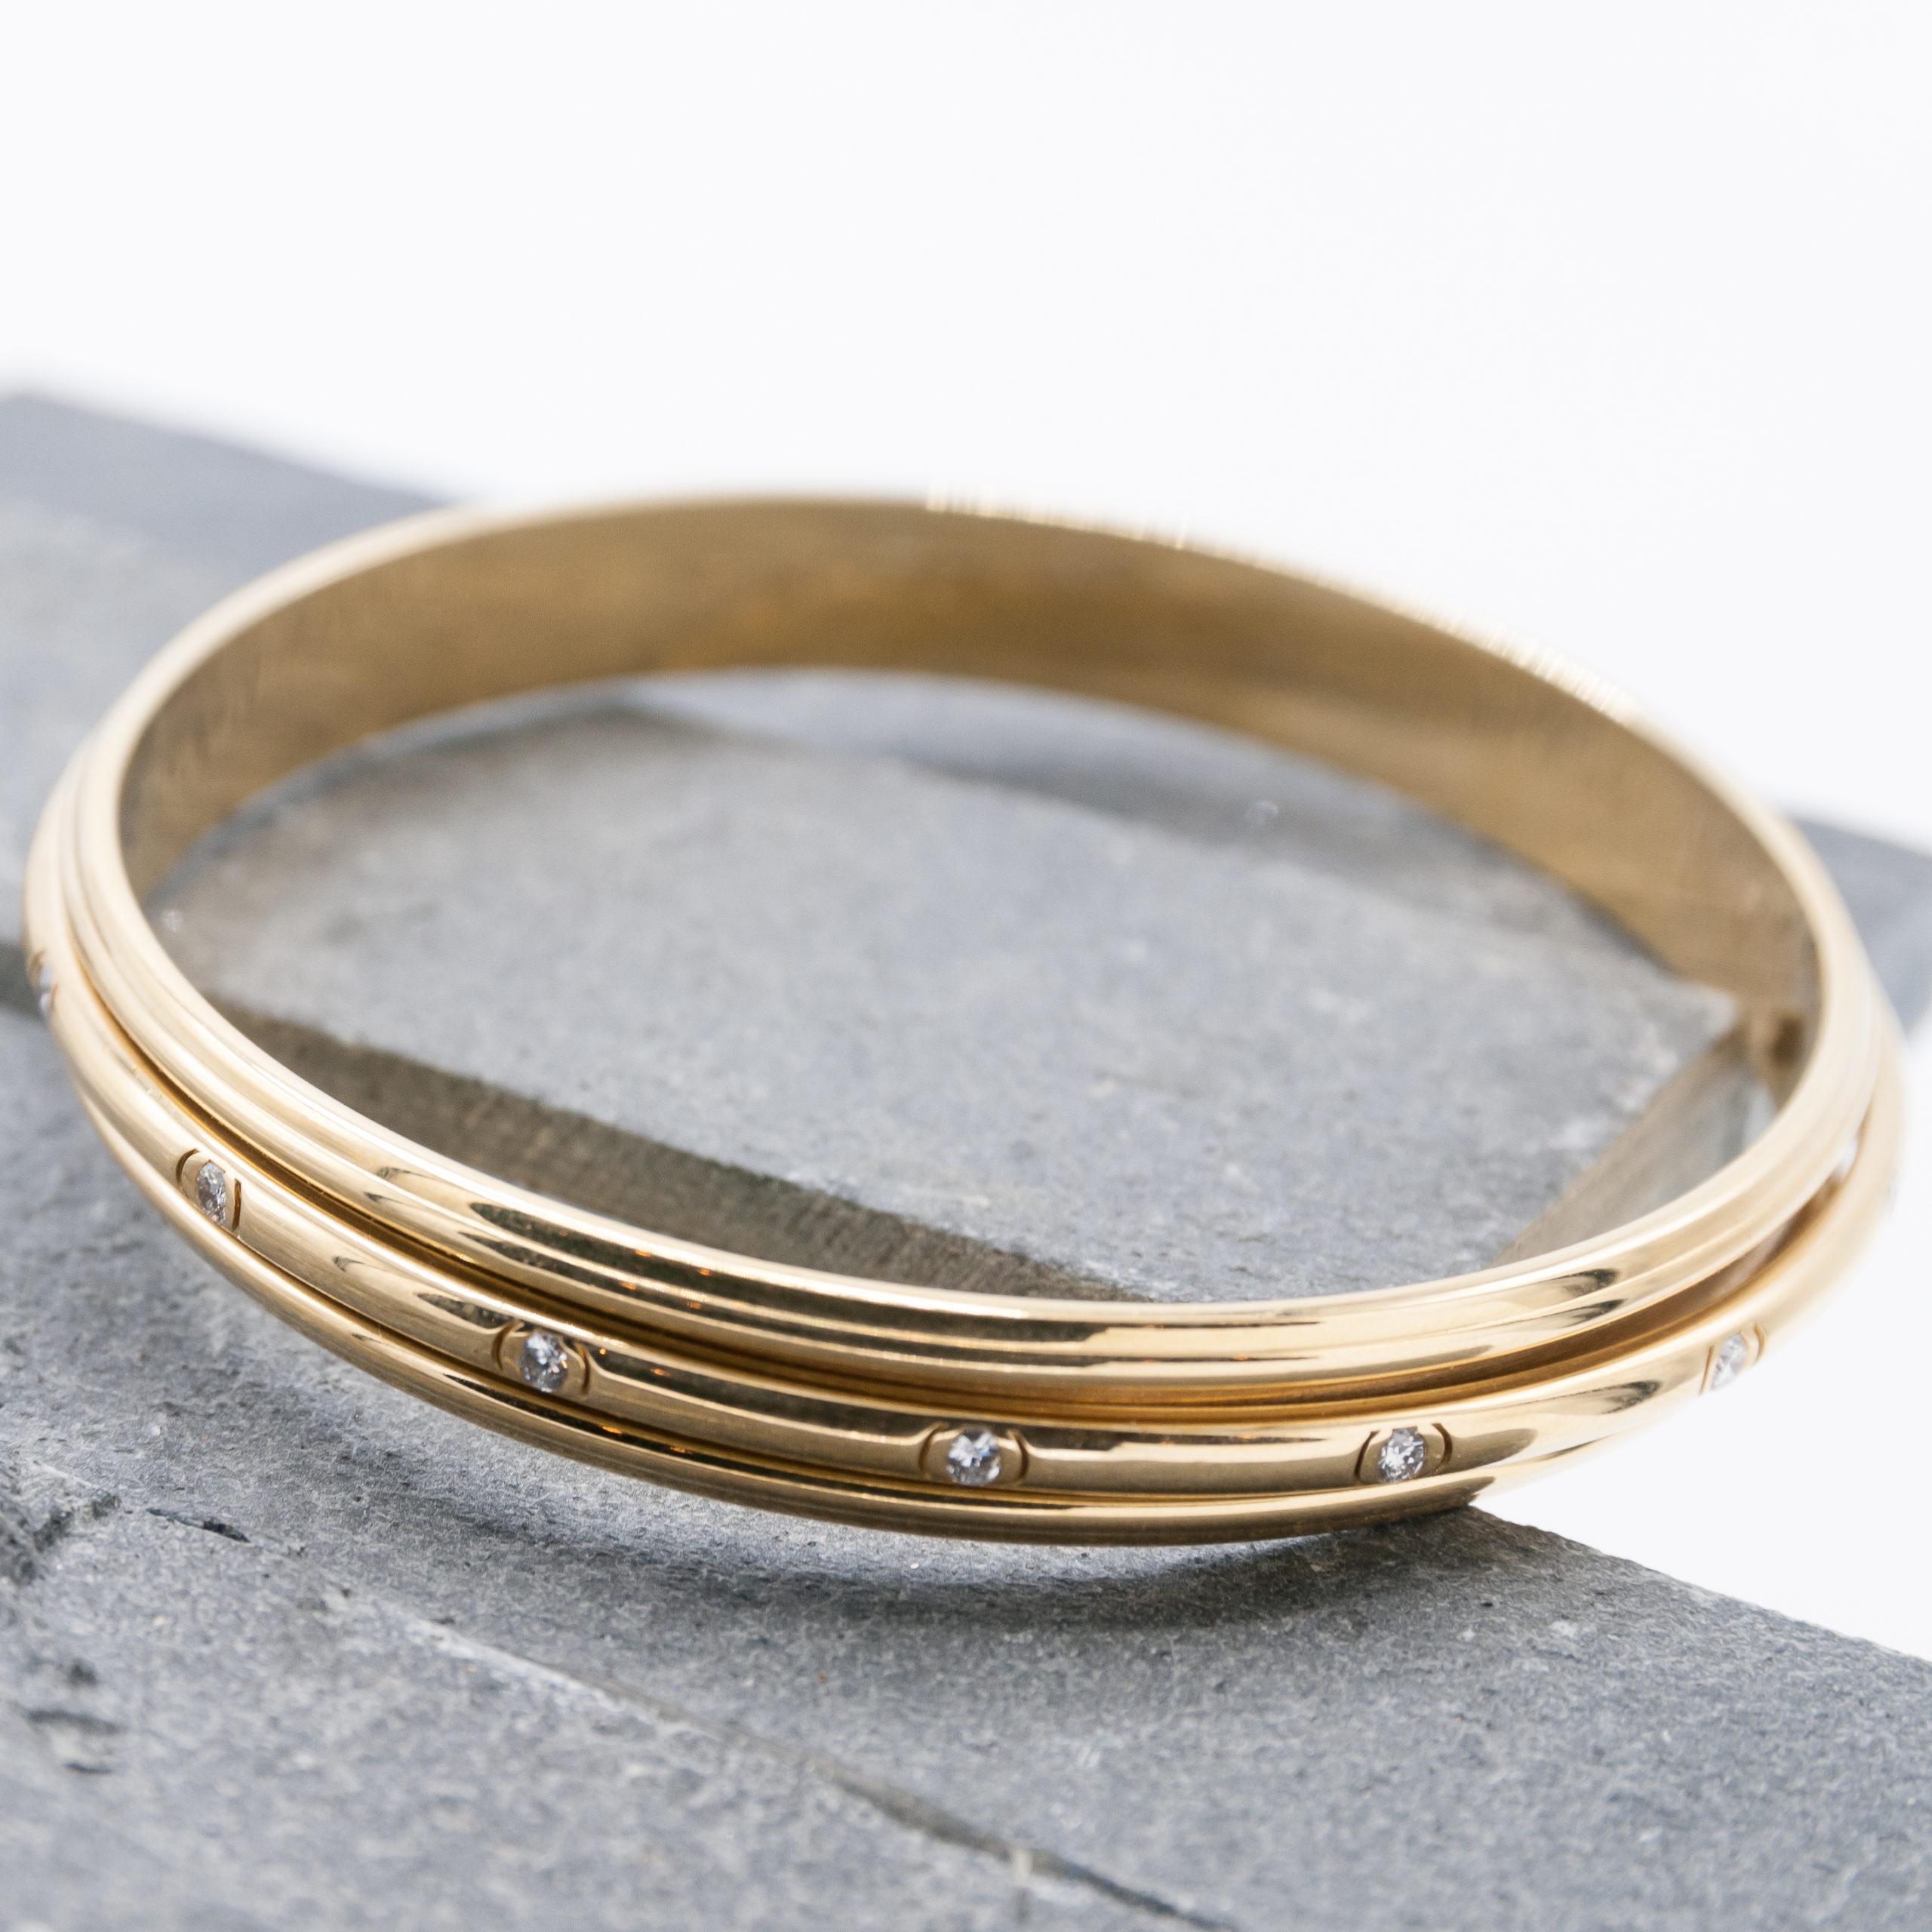 Piaget armband 18 karaats geelgoud